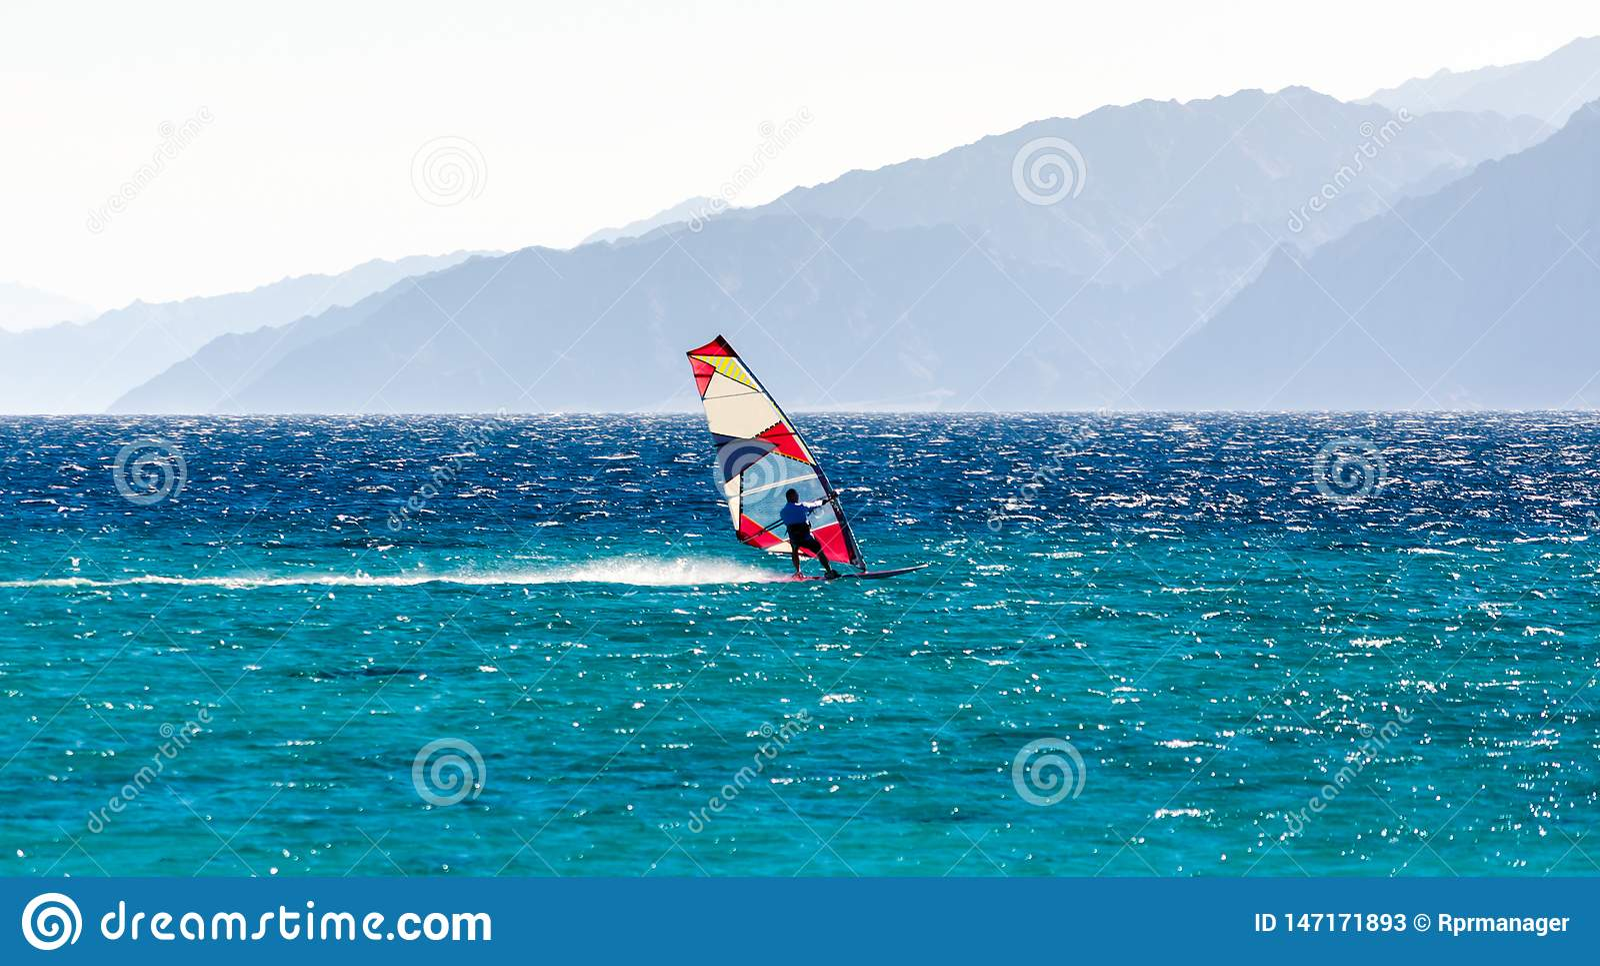 ??n surferritten in het Rode Overzees tegen de achtergrond van een rotsachtige kust in Egypte